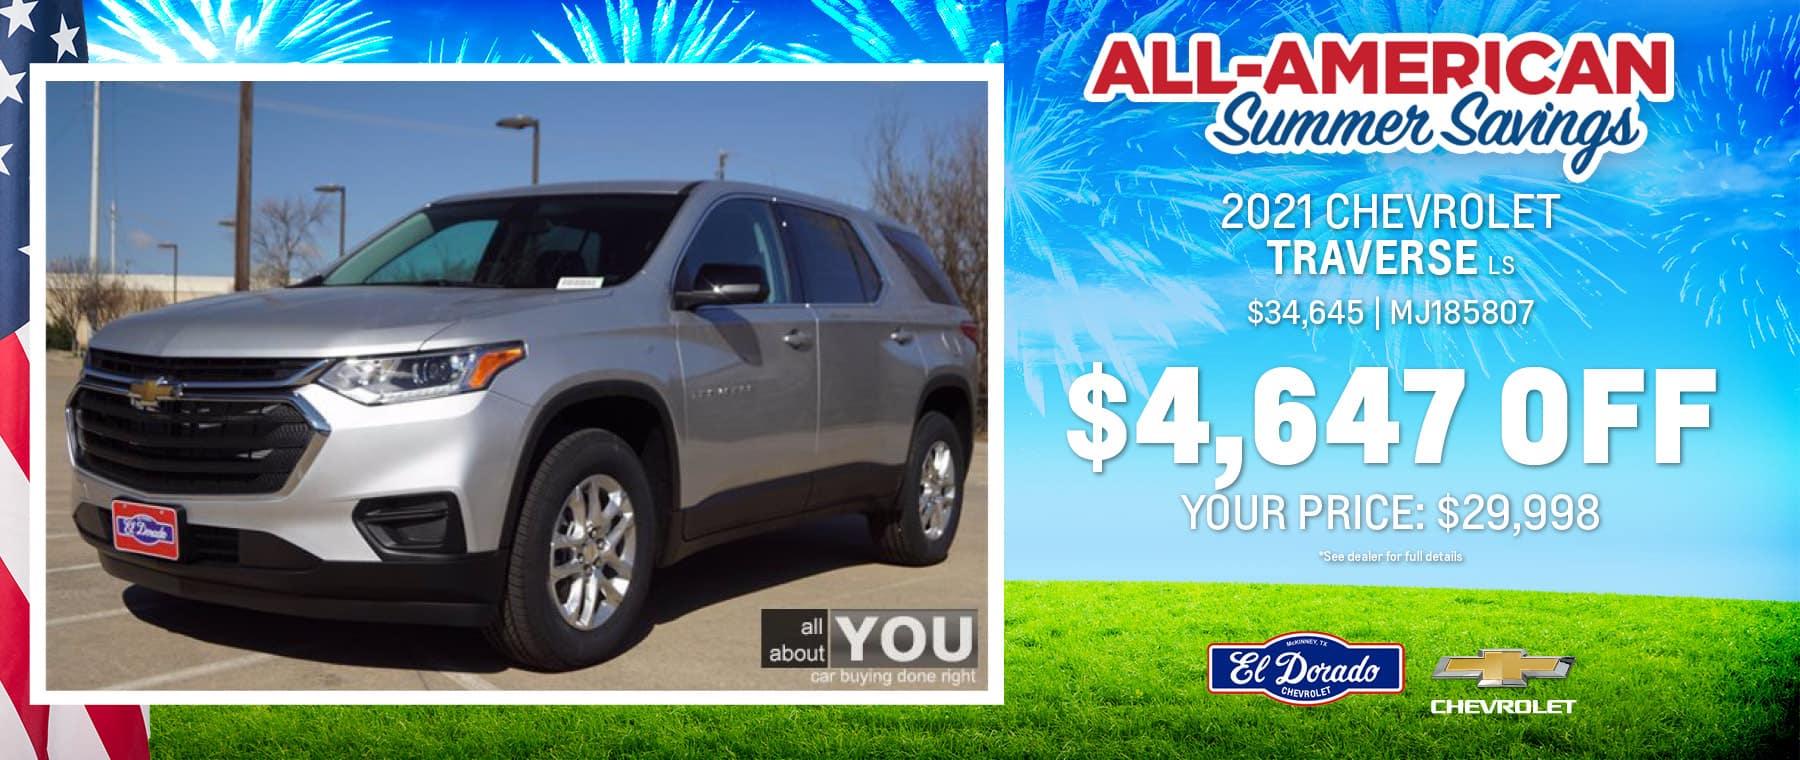 2021 Chevrolet Traverse LS - El Dorado Chevrolet in McKinney, Texas